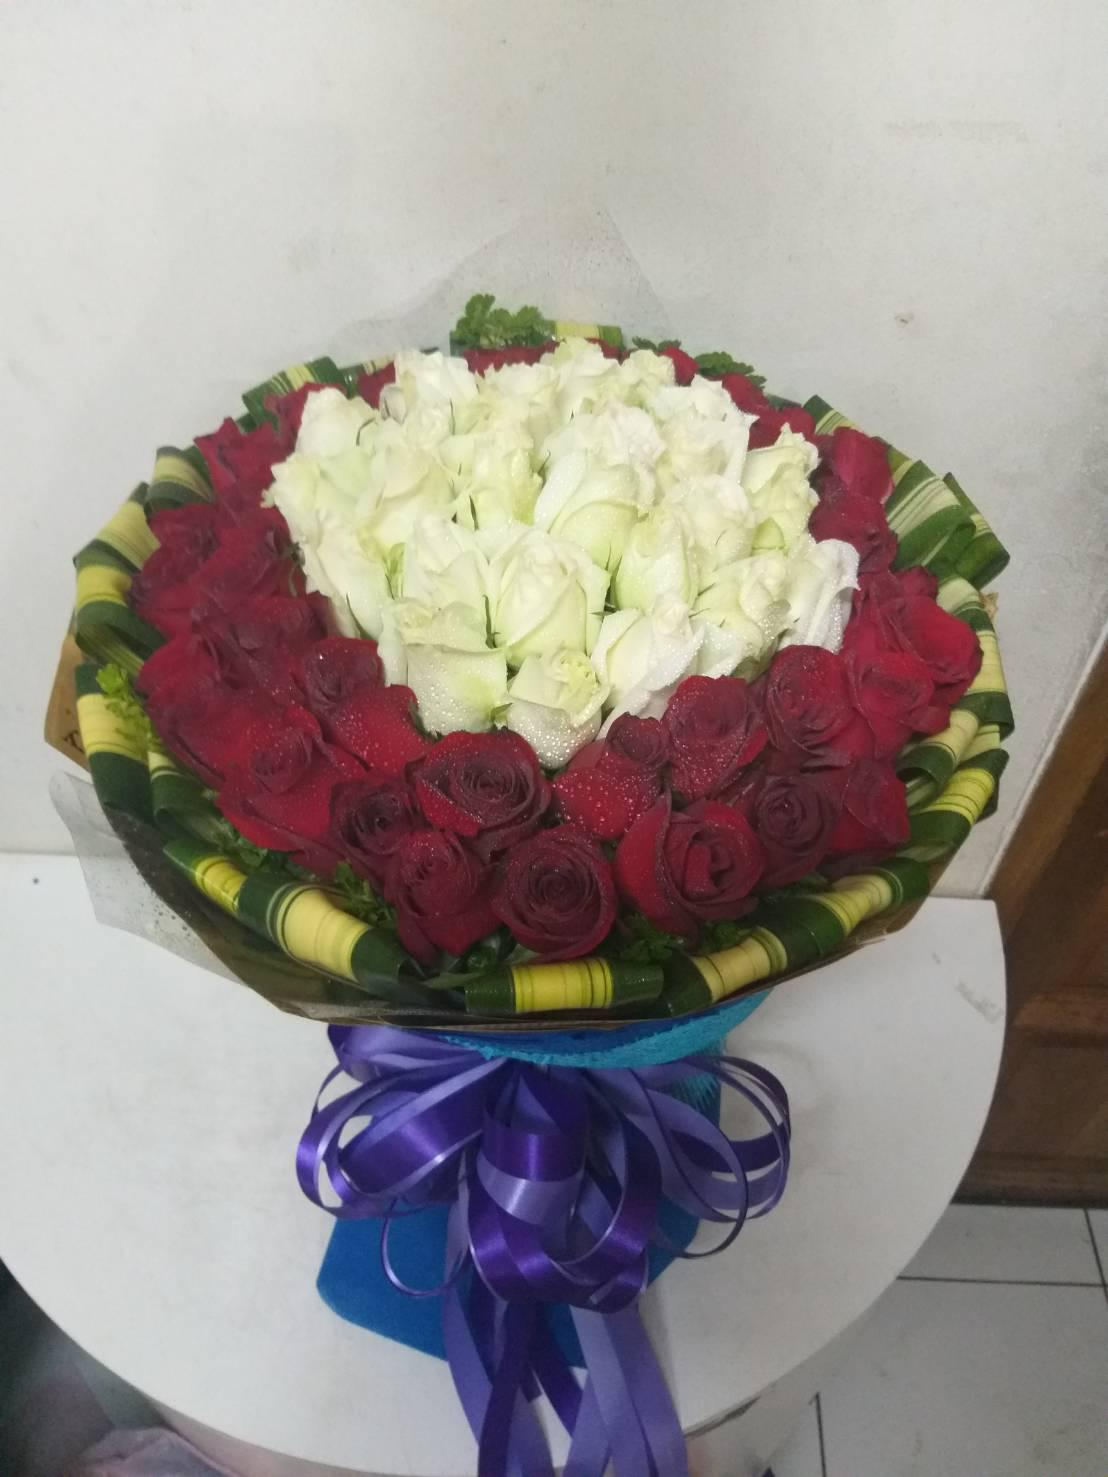 ช่อดอกกุหลาบสีแดงและสีขาวสื่อถึงความรักที่โรแมนติกและบริสุทธิ์ในช่อเดียวกัน